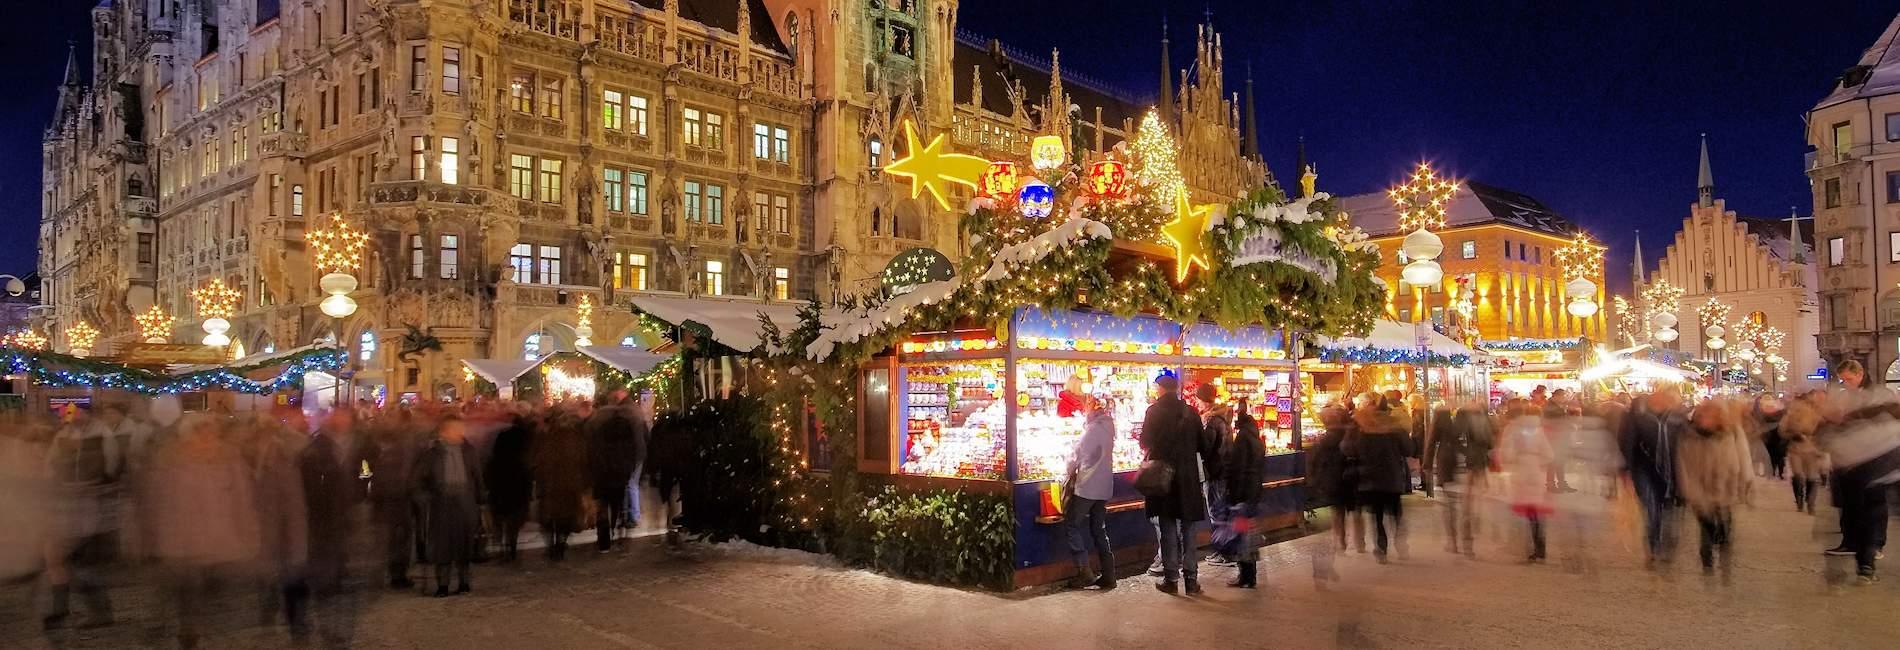 Starnberg Weihnachtsmarkt.Ferienwohnung Ferienhaus Zum Münchner Christkindlmarkt Mieten